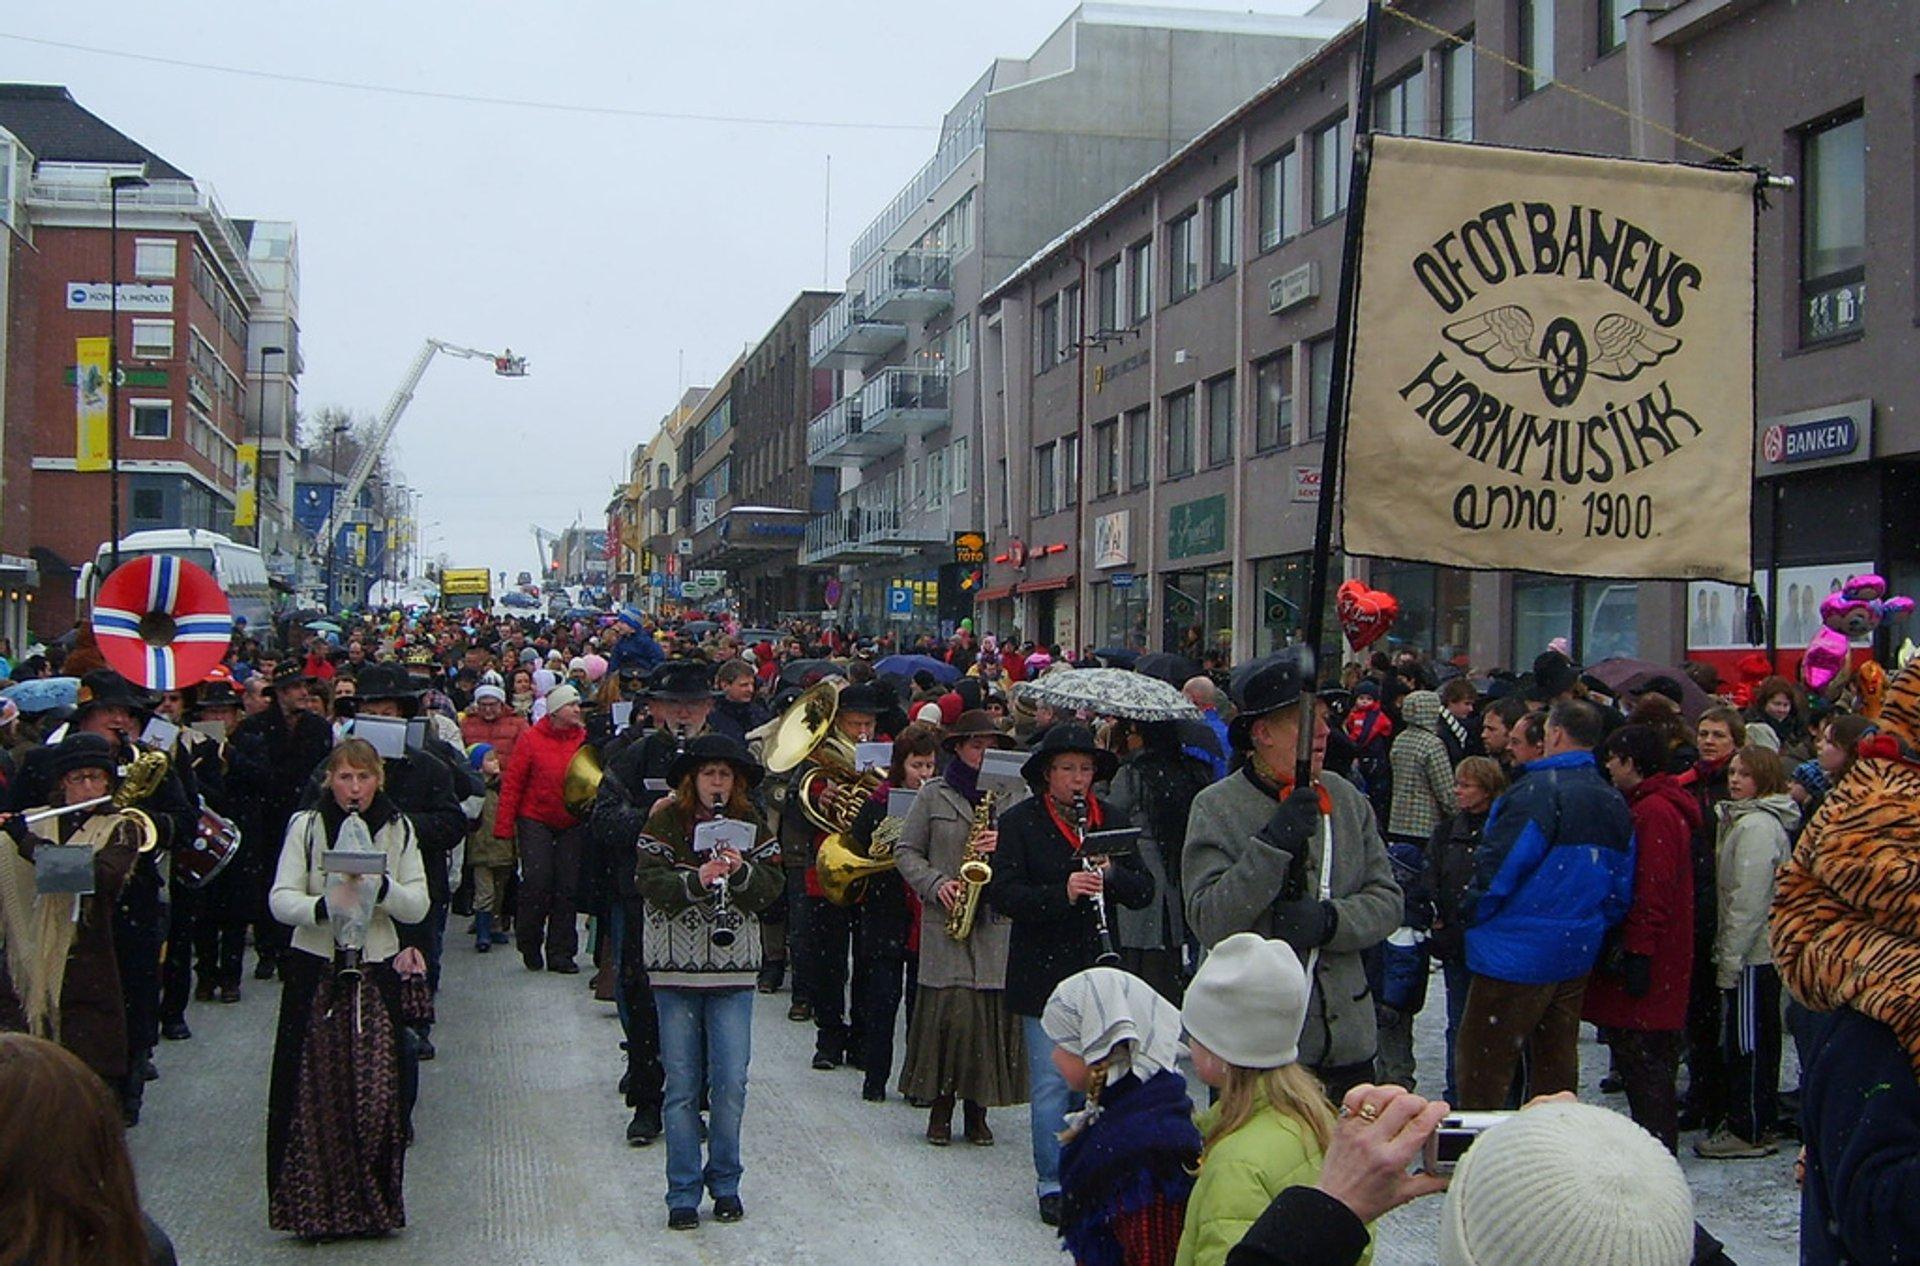 Narvik Winter Festival or Vinterfestuka in Norway 2020 - Best Time